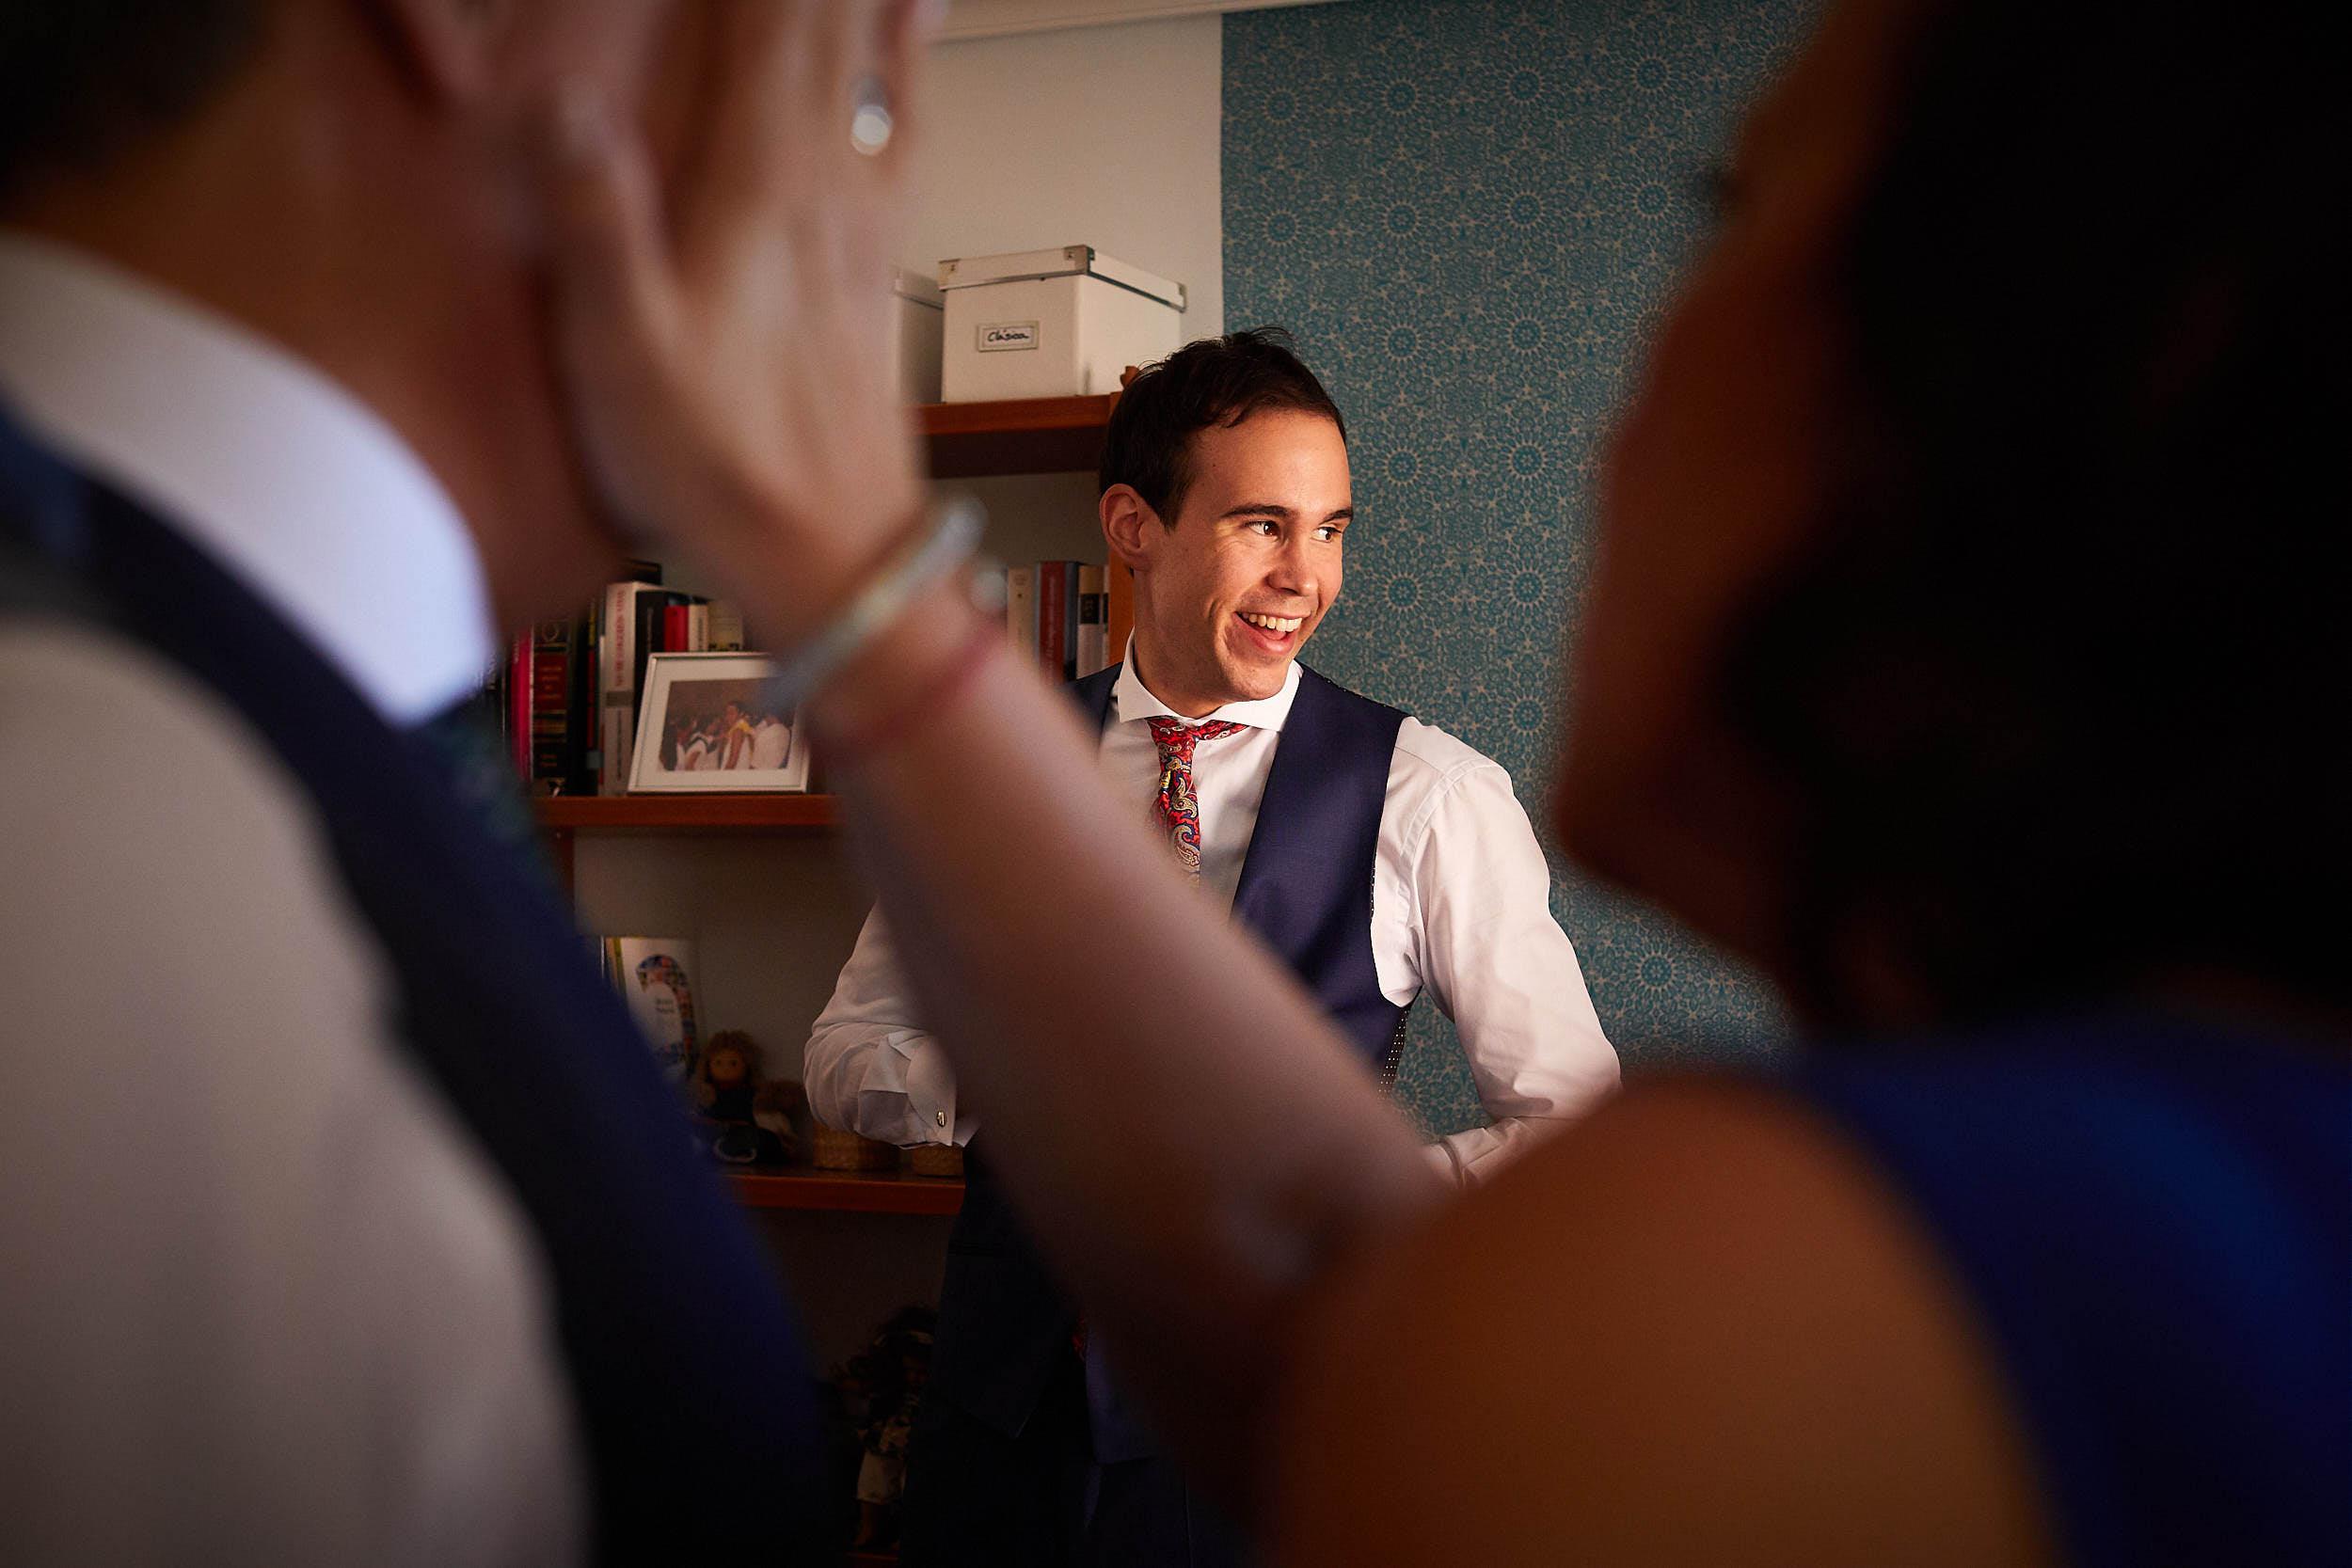 Fotógrafo de boda con estilo documental y fotoperiodismo en La Rioja Palacio Casafuerte Zarraton La Rioja Spain James Sturcke Photographer sturcke.org_00002.jpg